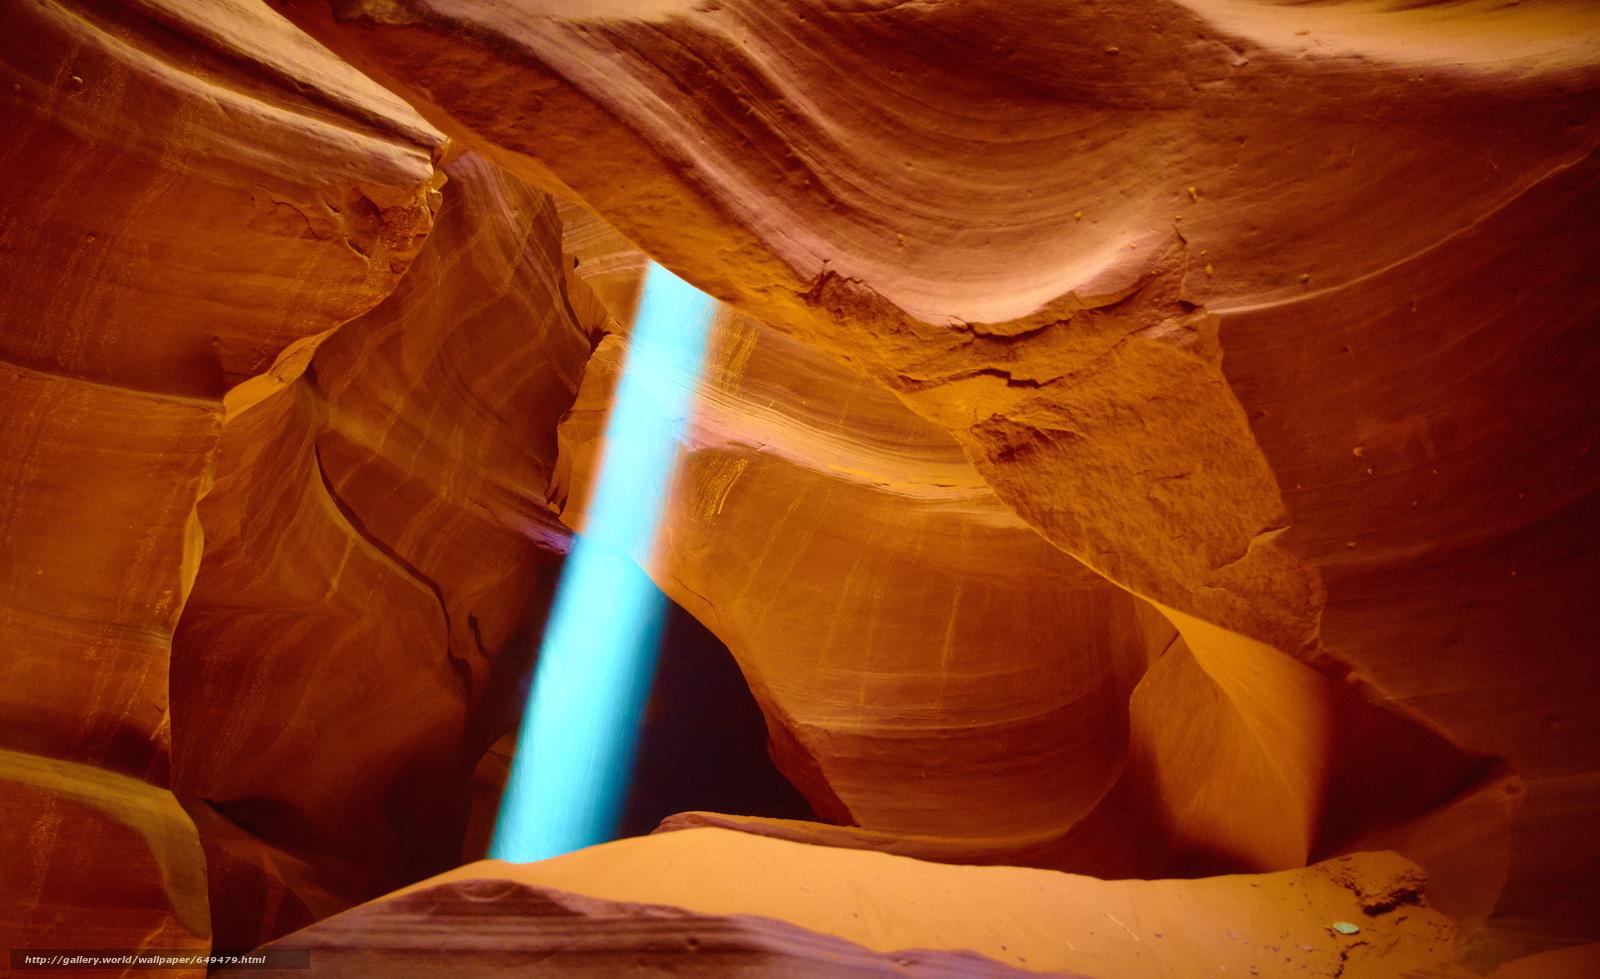 Скачать обои каньон,  каньон Антилопы,  Аризона,  США бесплатно для рабочего стола в разрешении 3840x2350 — картинка №649479